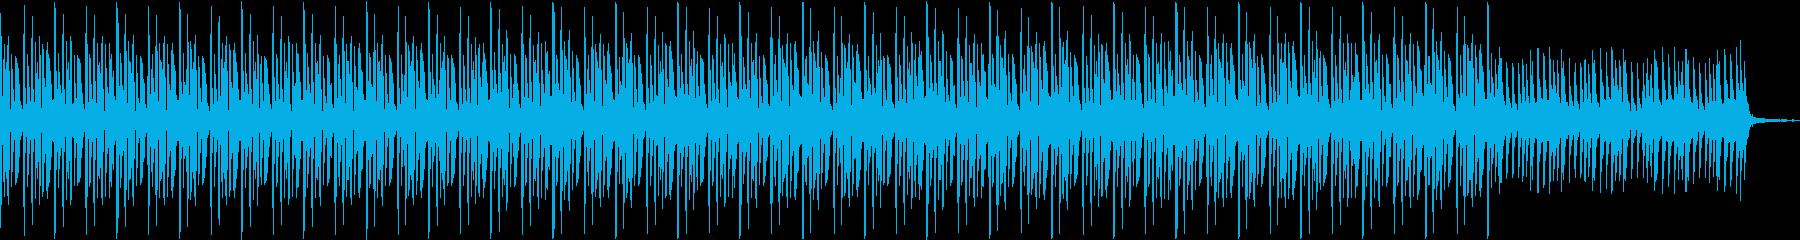 暗めのテクノ風楽曲:事件の報道のBGMの再生済みの波形